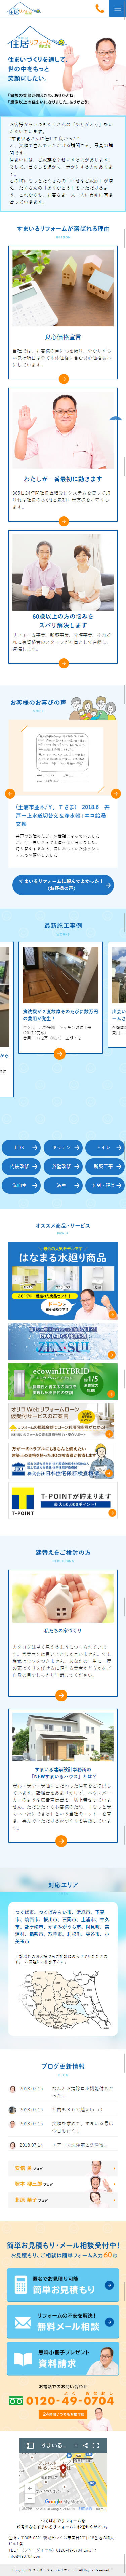 茨城県 すまいるリフォーム株式会社様 ホームページ制作3